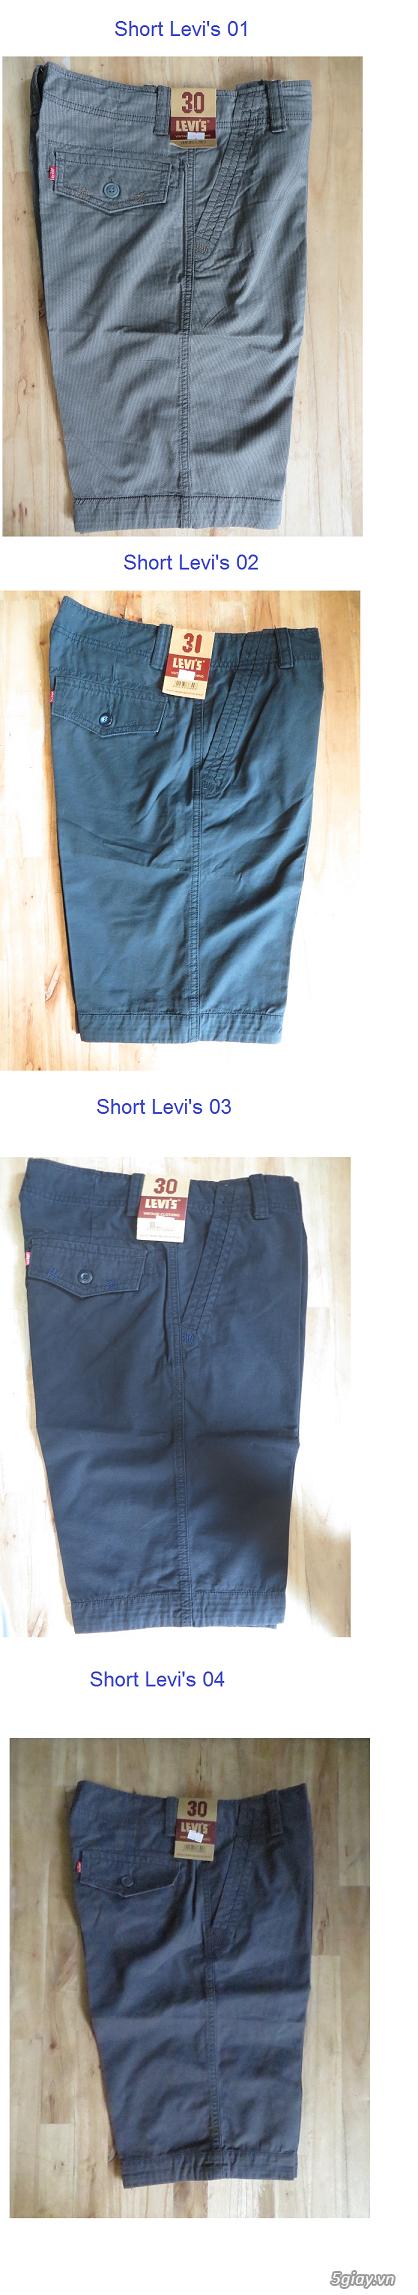 [MR.BEAN] Quần jean, áo sơ mi, áo thun nam, mũ nón, giày dép (Holliter, Aber...) - 40